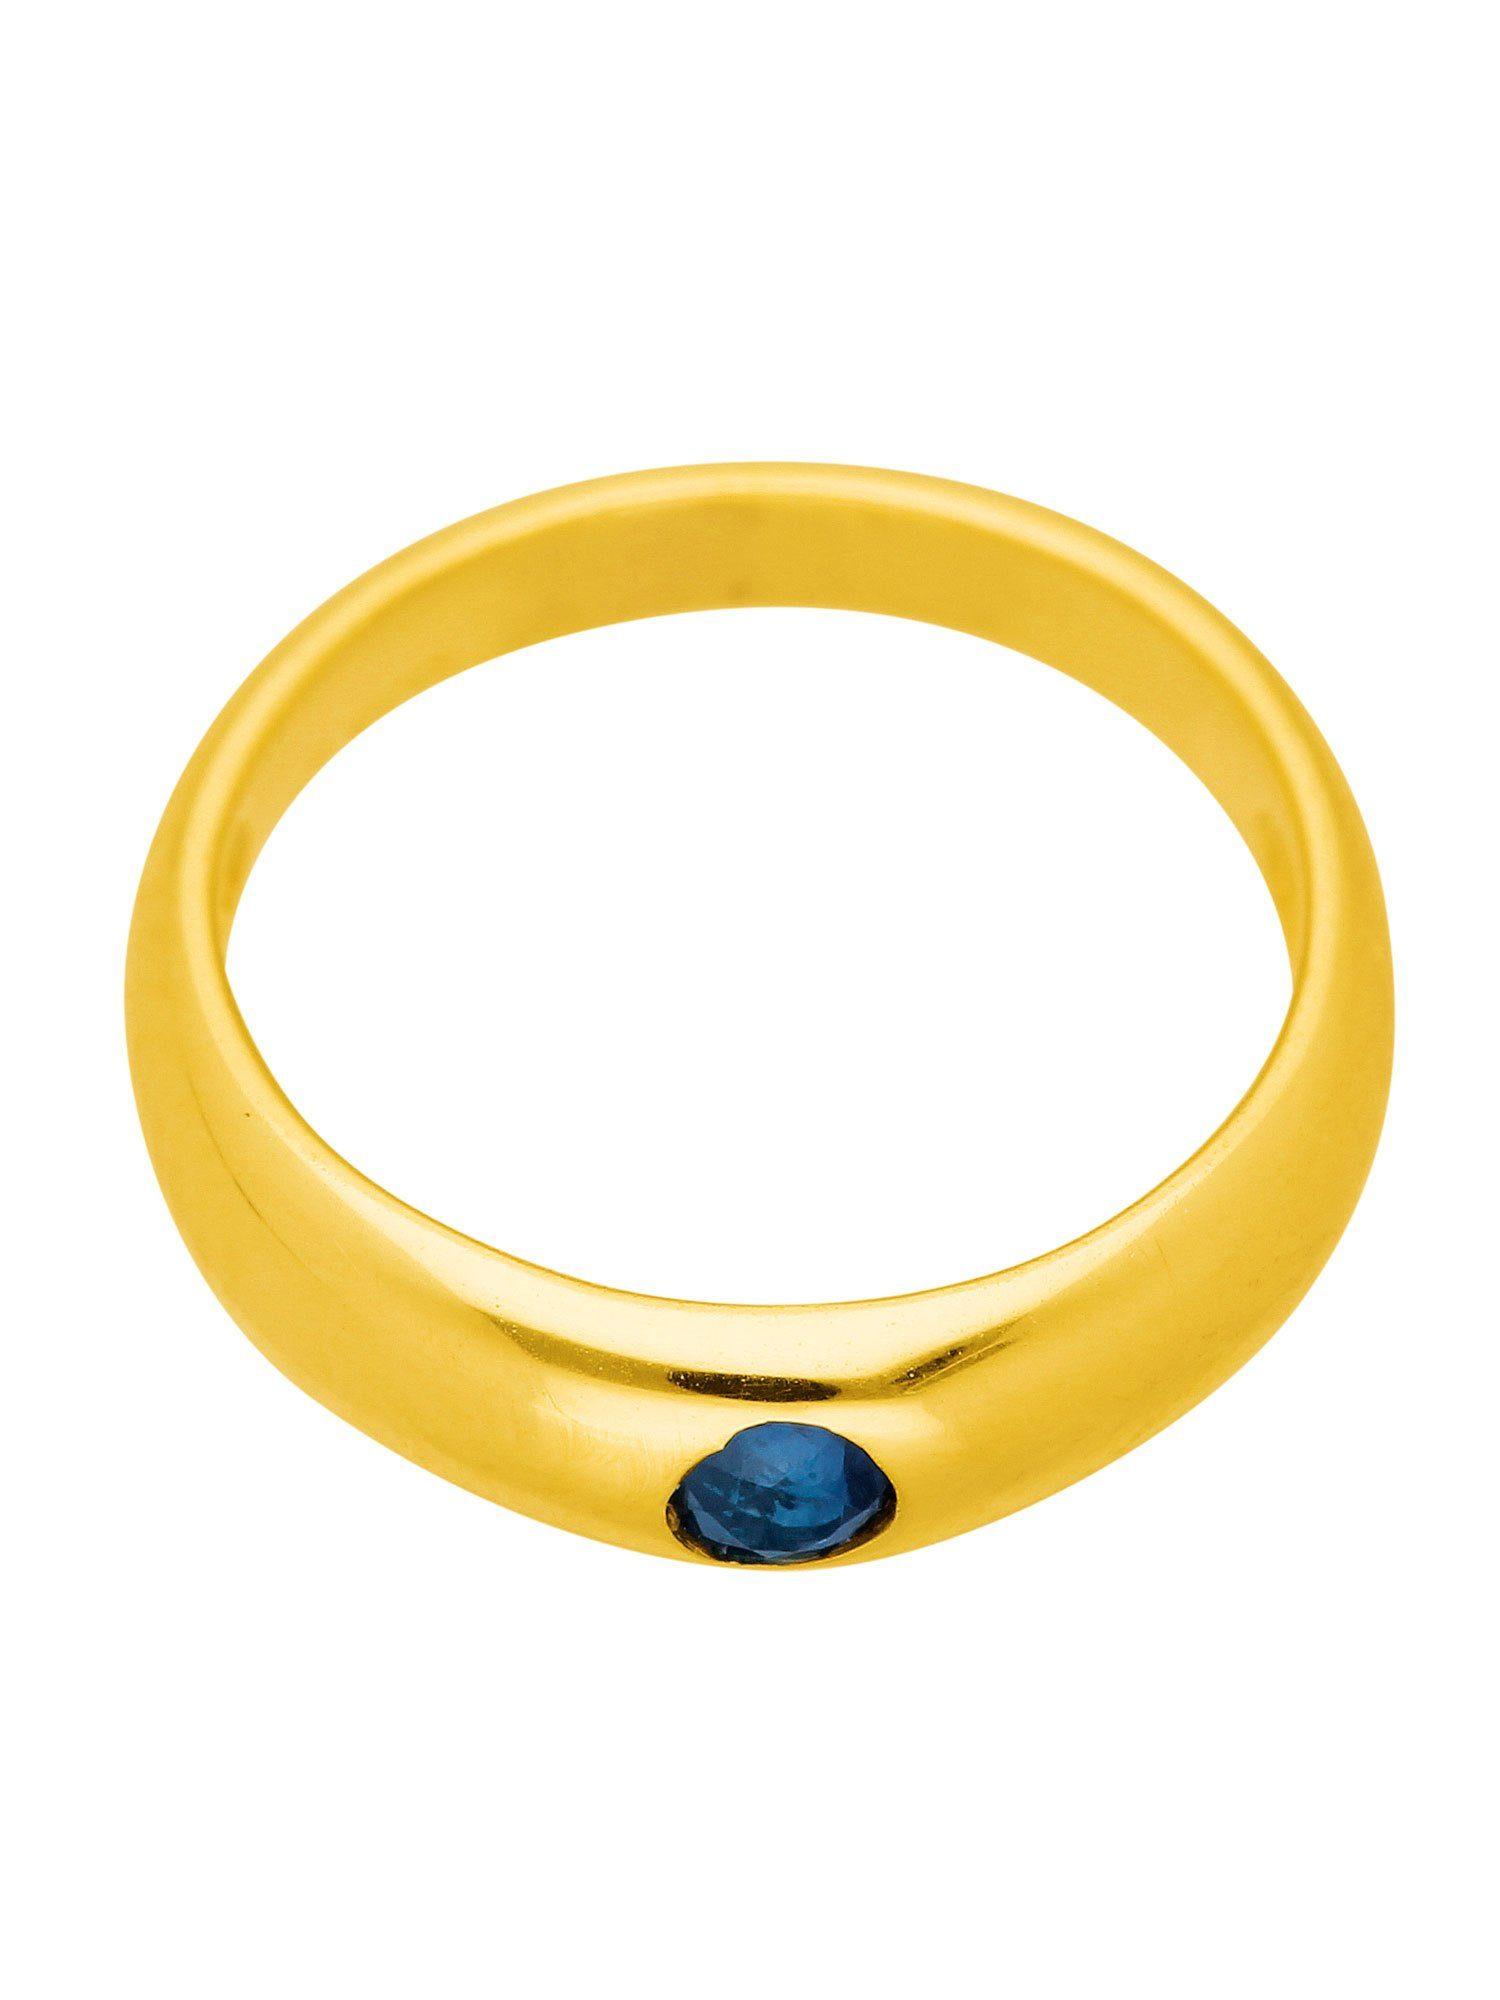 Adelia´s Kettenanhänger »Gold Anhänger« Taufring 14 k 585 Gelbgold mit Safir Ø 1.12 cm